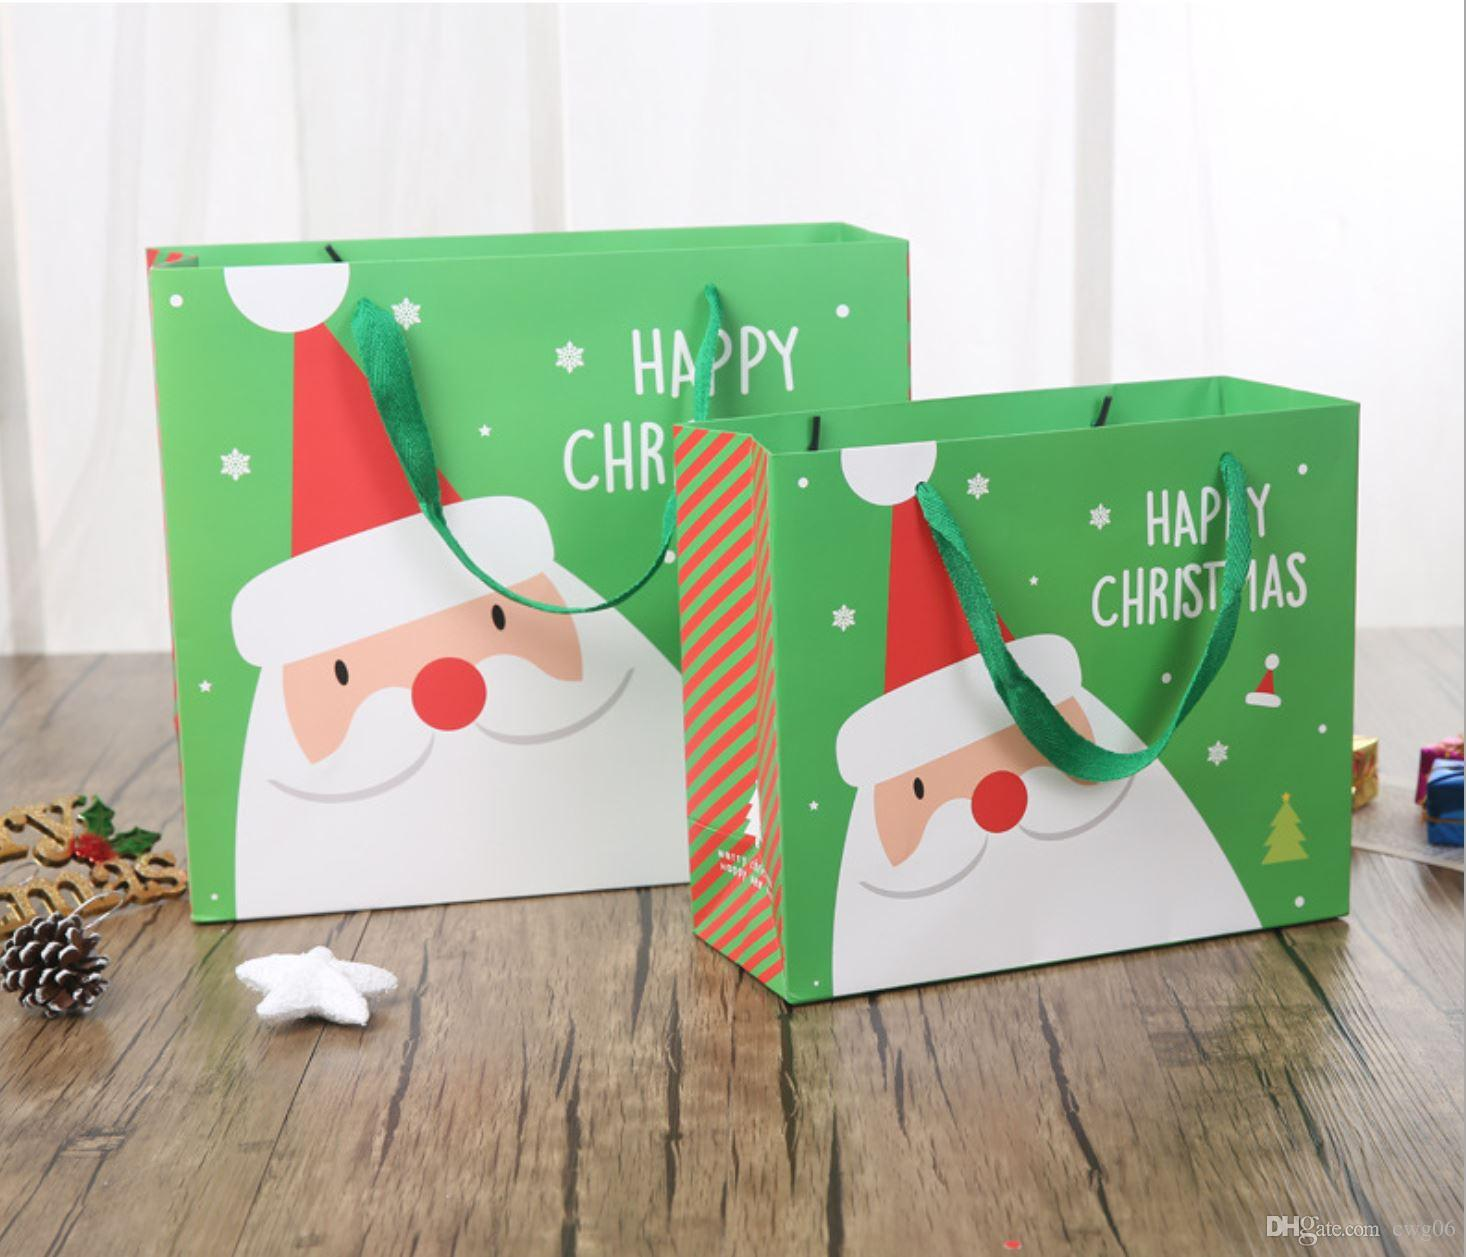 Sacs En Papier Cadeau Retro Elk Motif Pere Noel Emballage Sacs Cadeaux Fete De Noel Mariage Mariage Bonbons Cookie Emballage Sacs